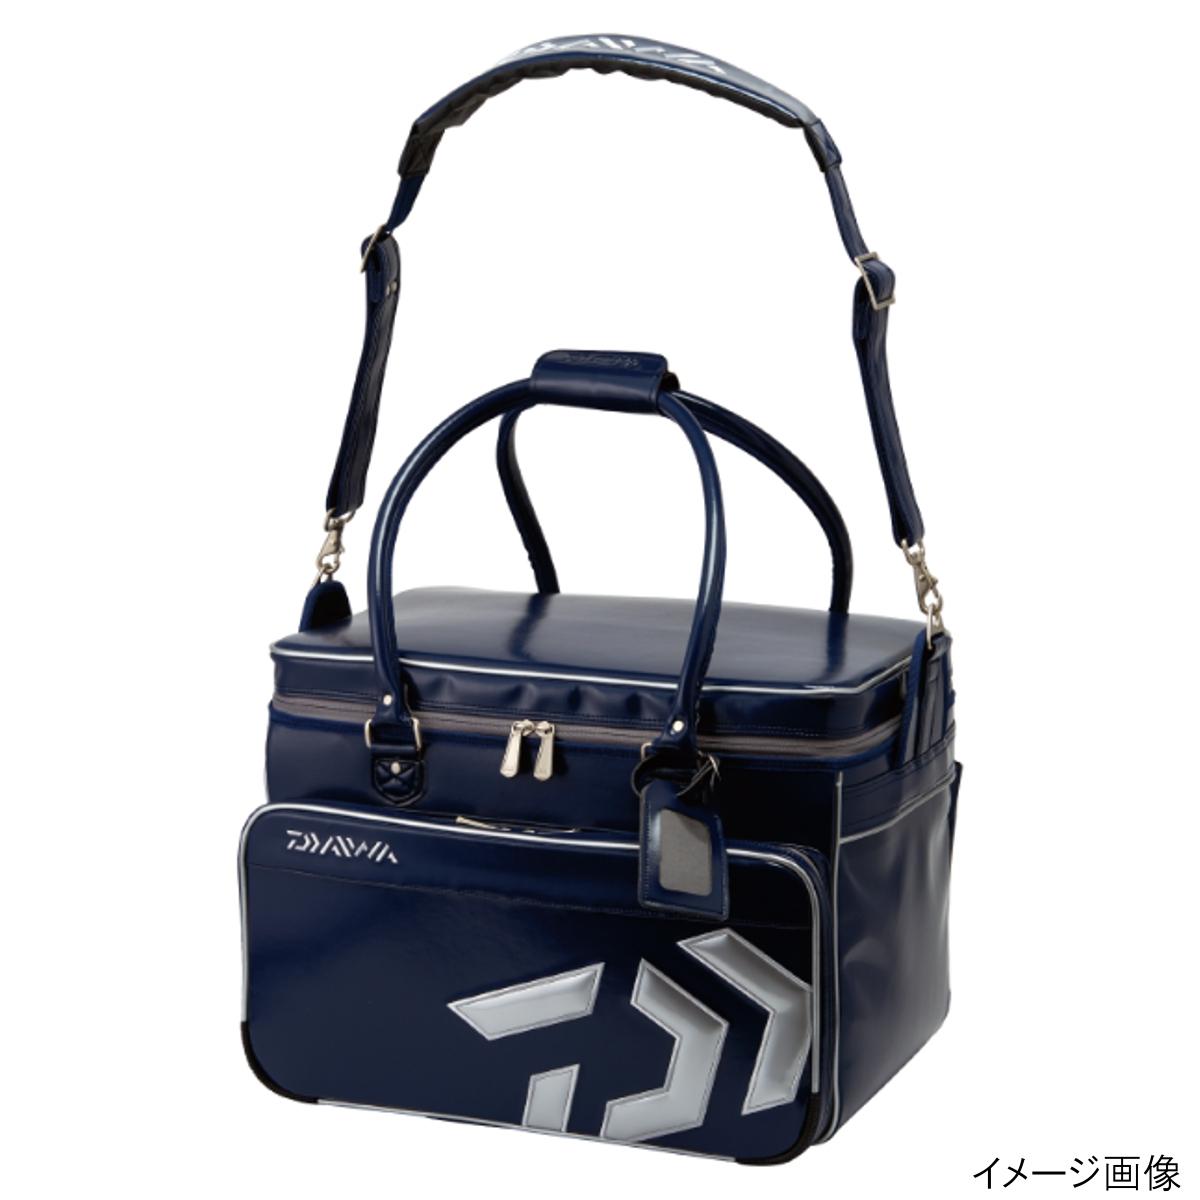 ダイワ へらバッグ 38(E) ダークブルー(東日本店)